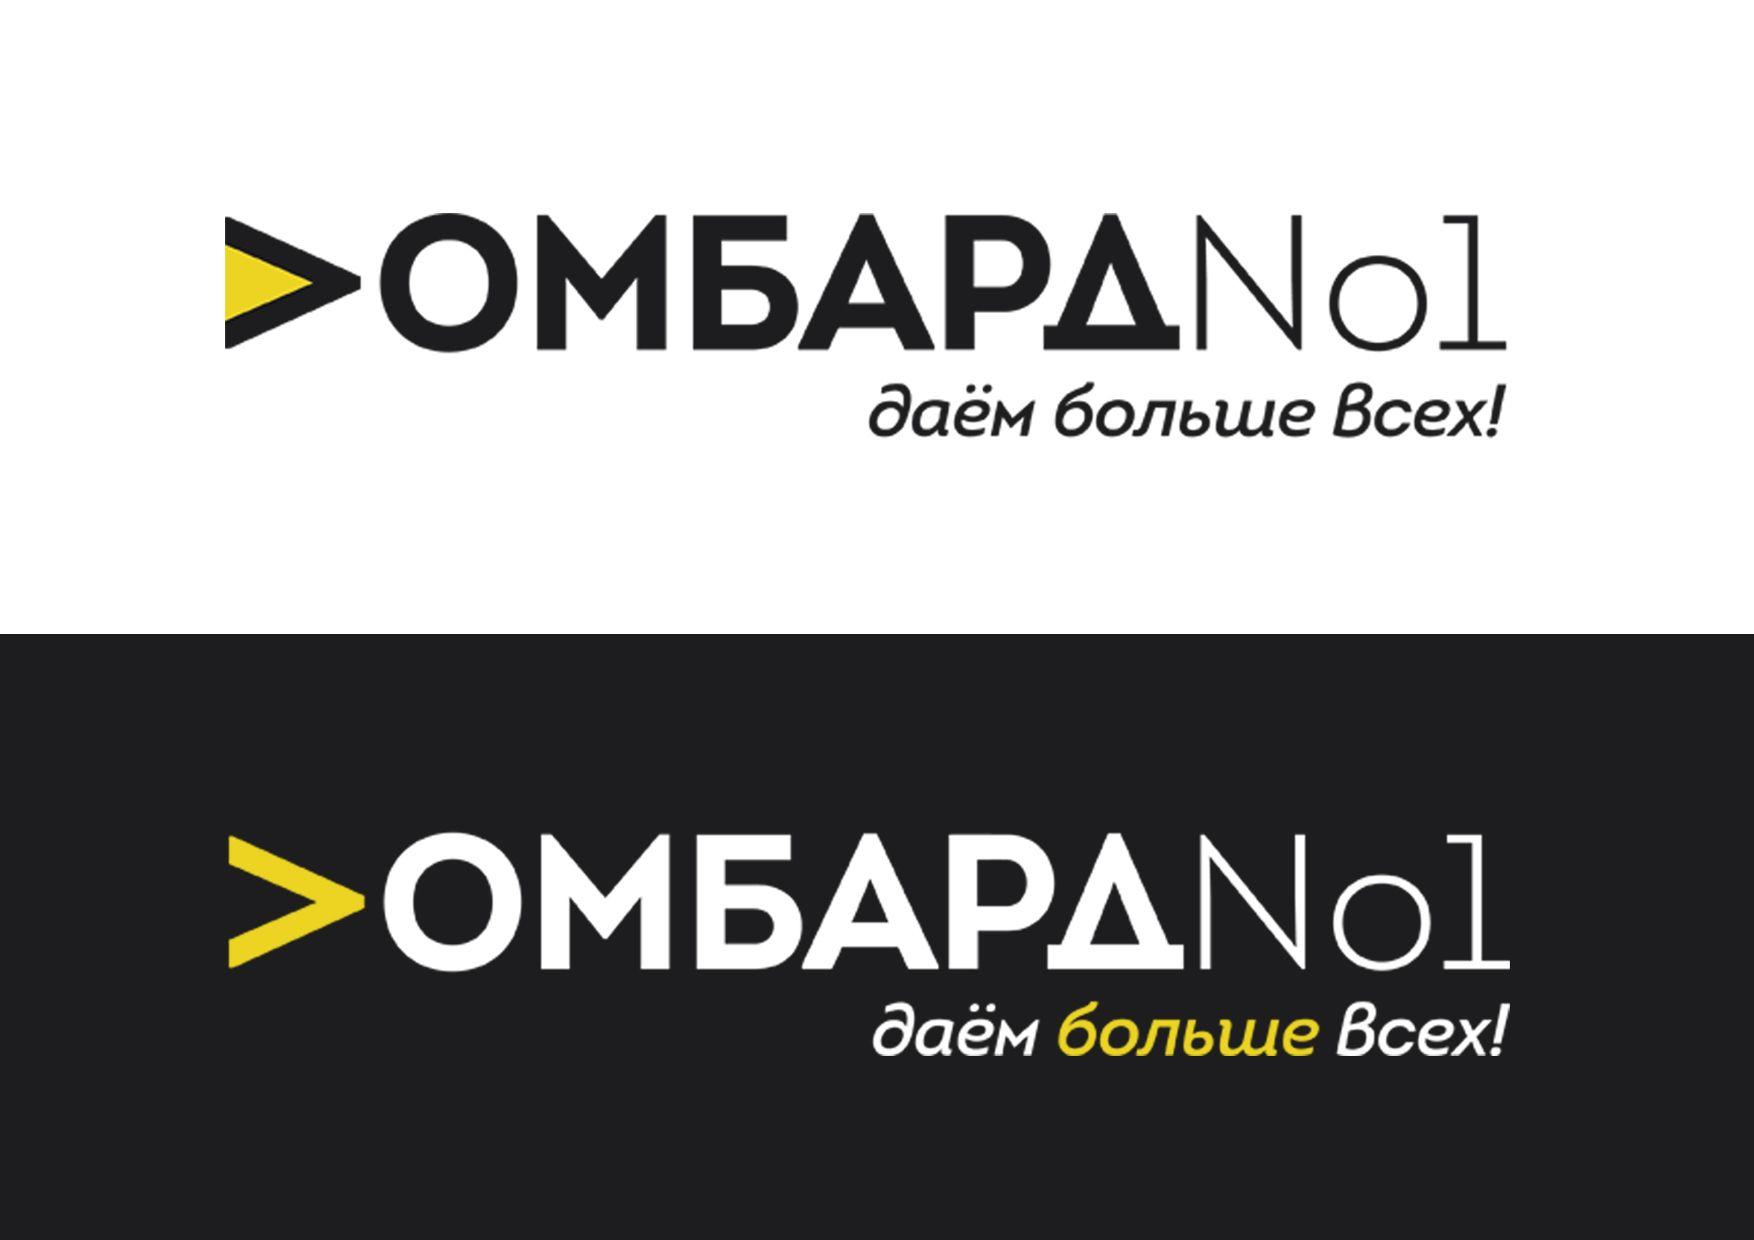 Дизайн логотипа Ломбард №1 - дизайнер supersko